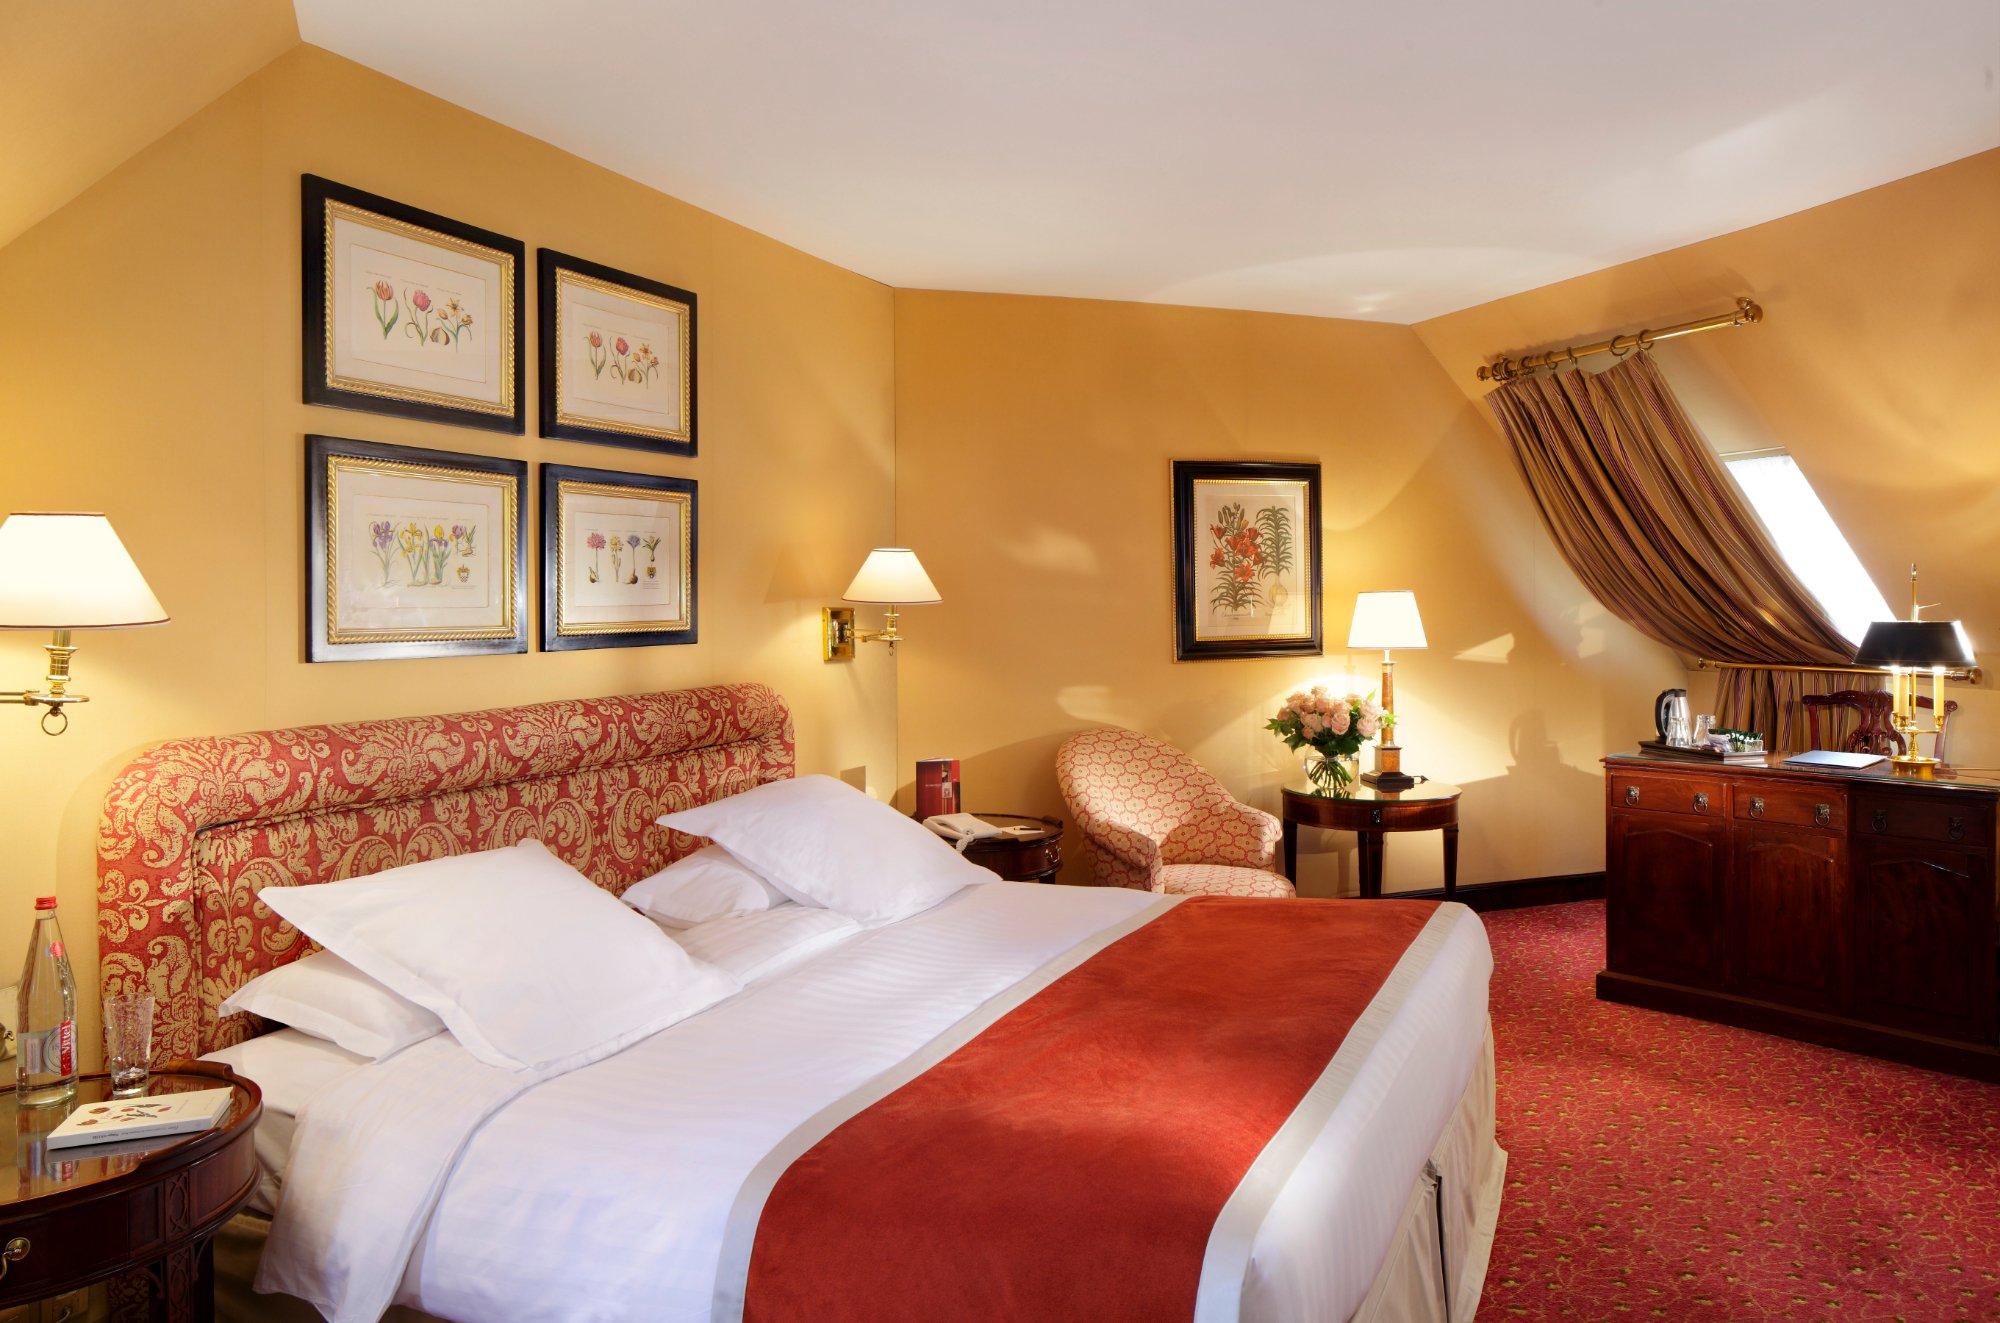 โรงแรมแฟรงคลิน ดี โรเซเวลท์